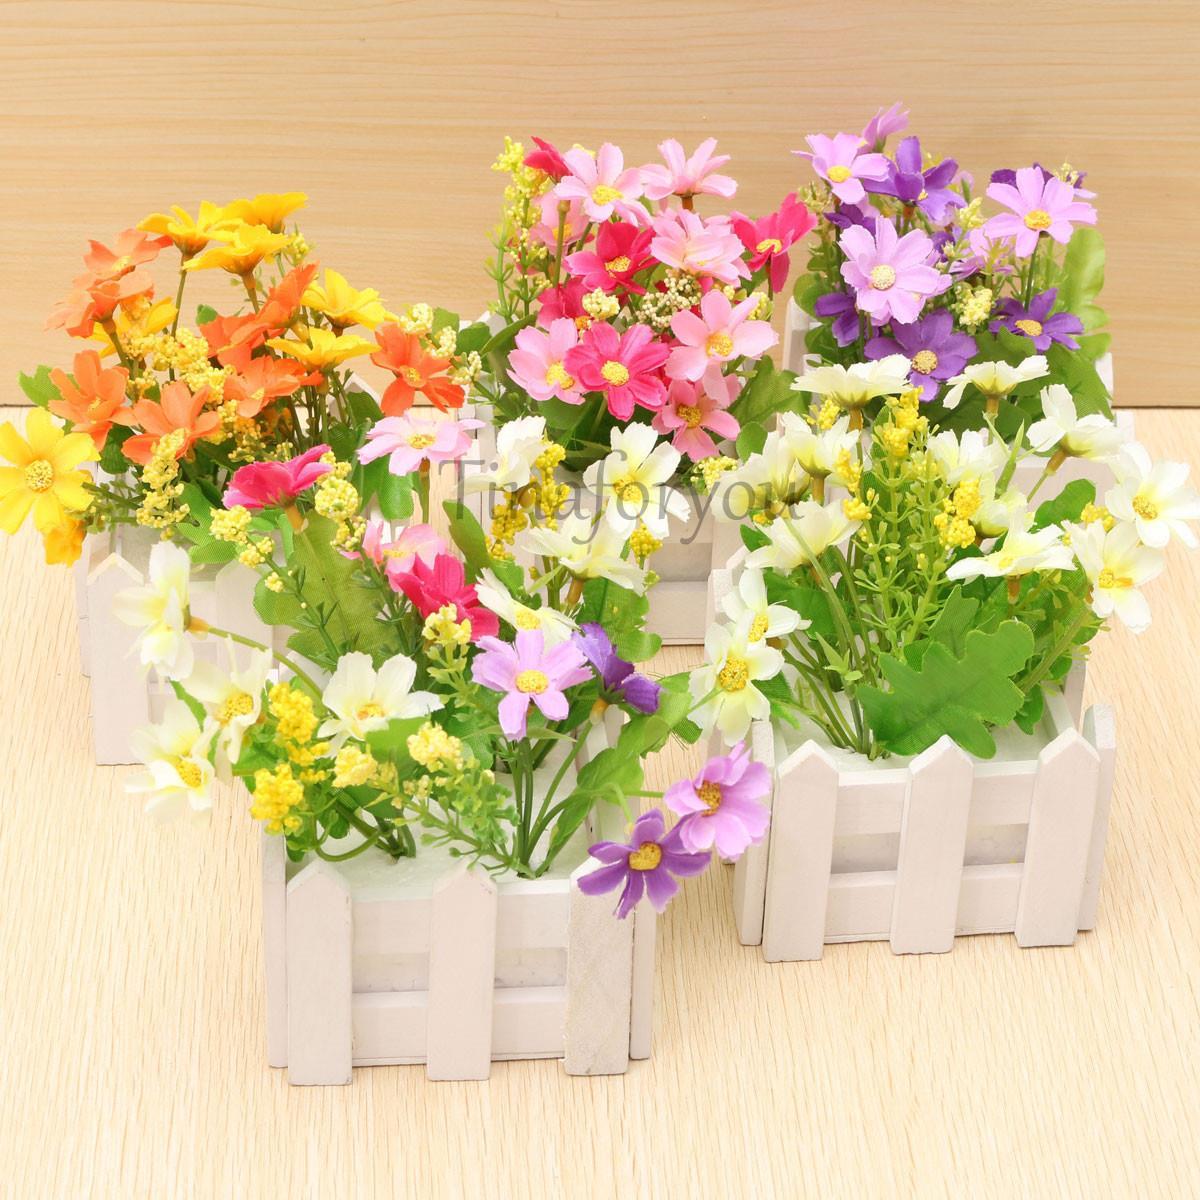 Искусственные цветы для дома New  artifical flower искусственные цветы xiao qian flower 16 100cm